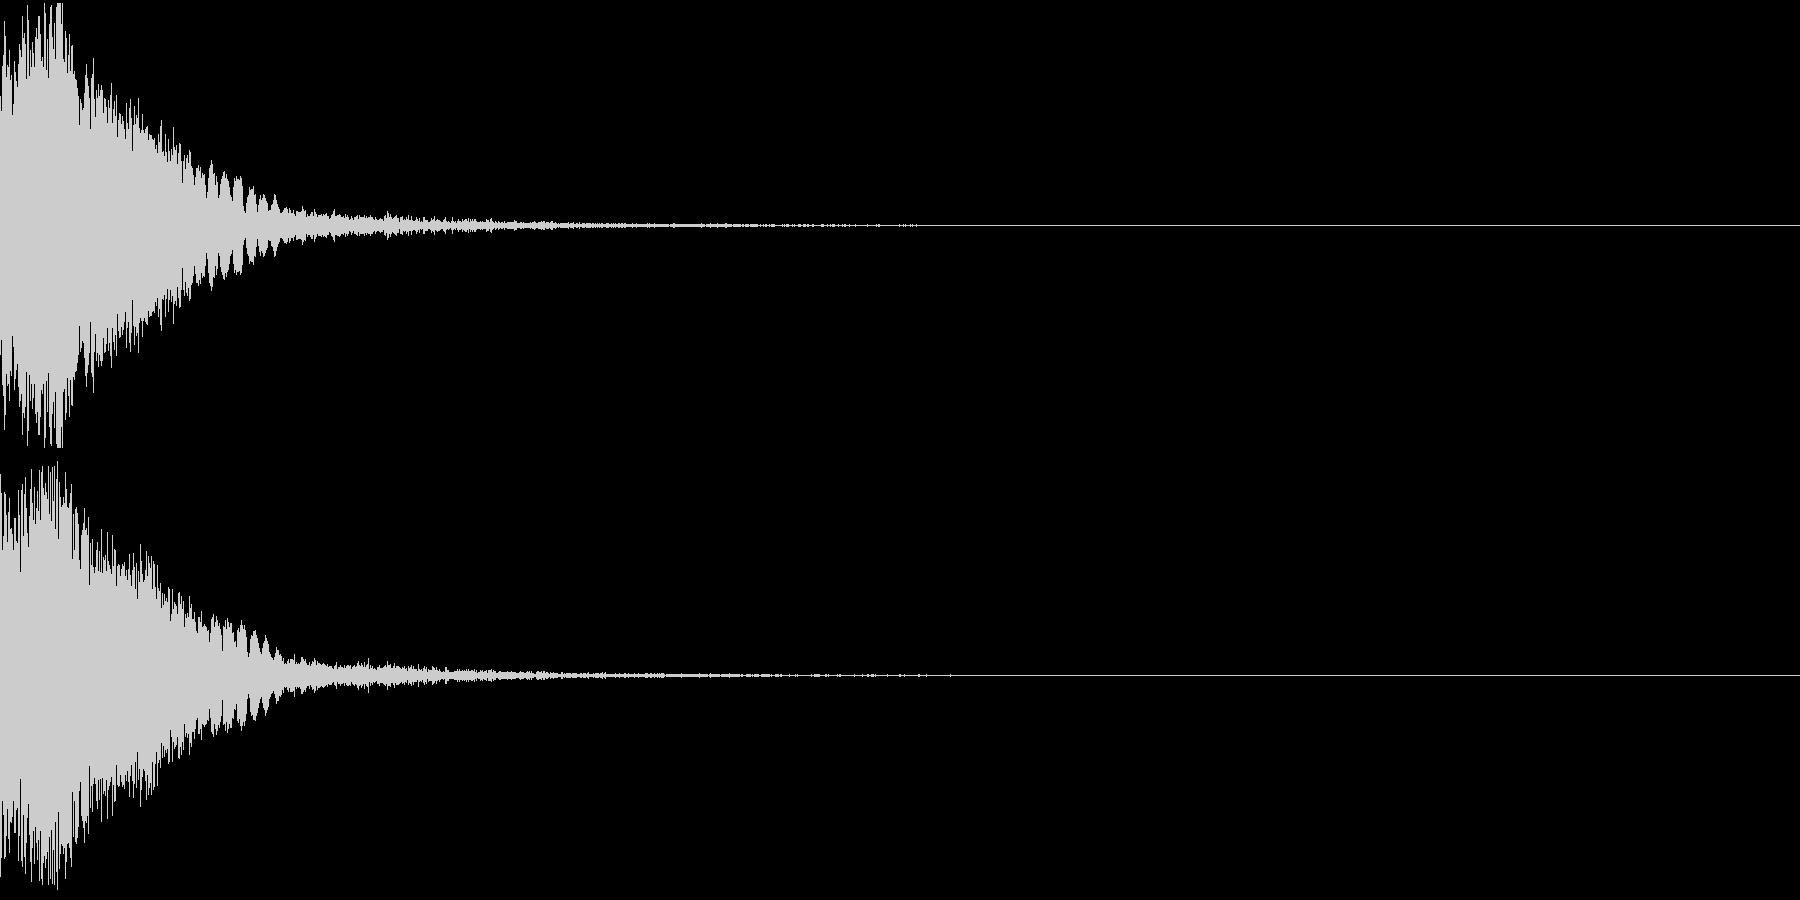 刀 剣 カキーン シャキーン 目立つ26の未再生の波形